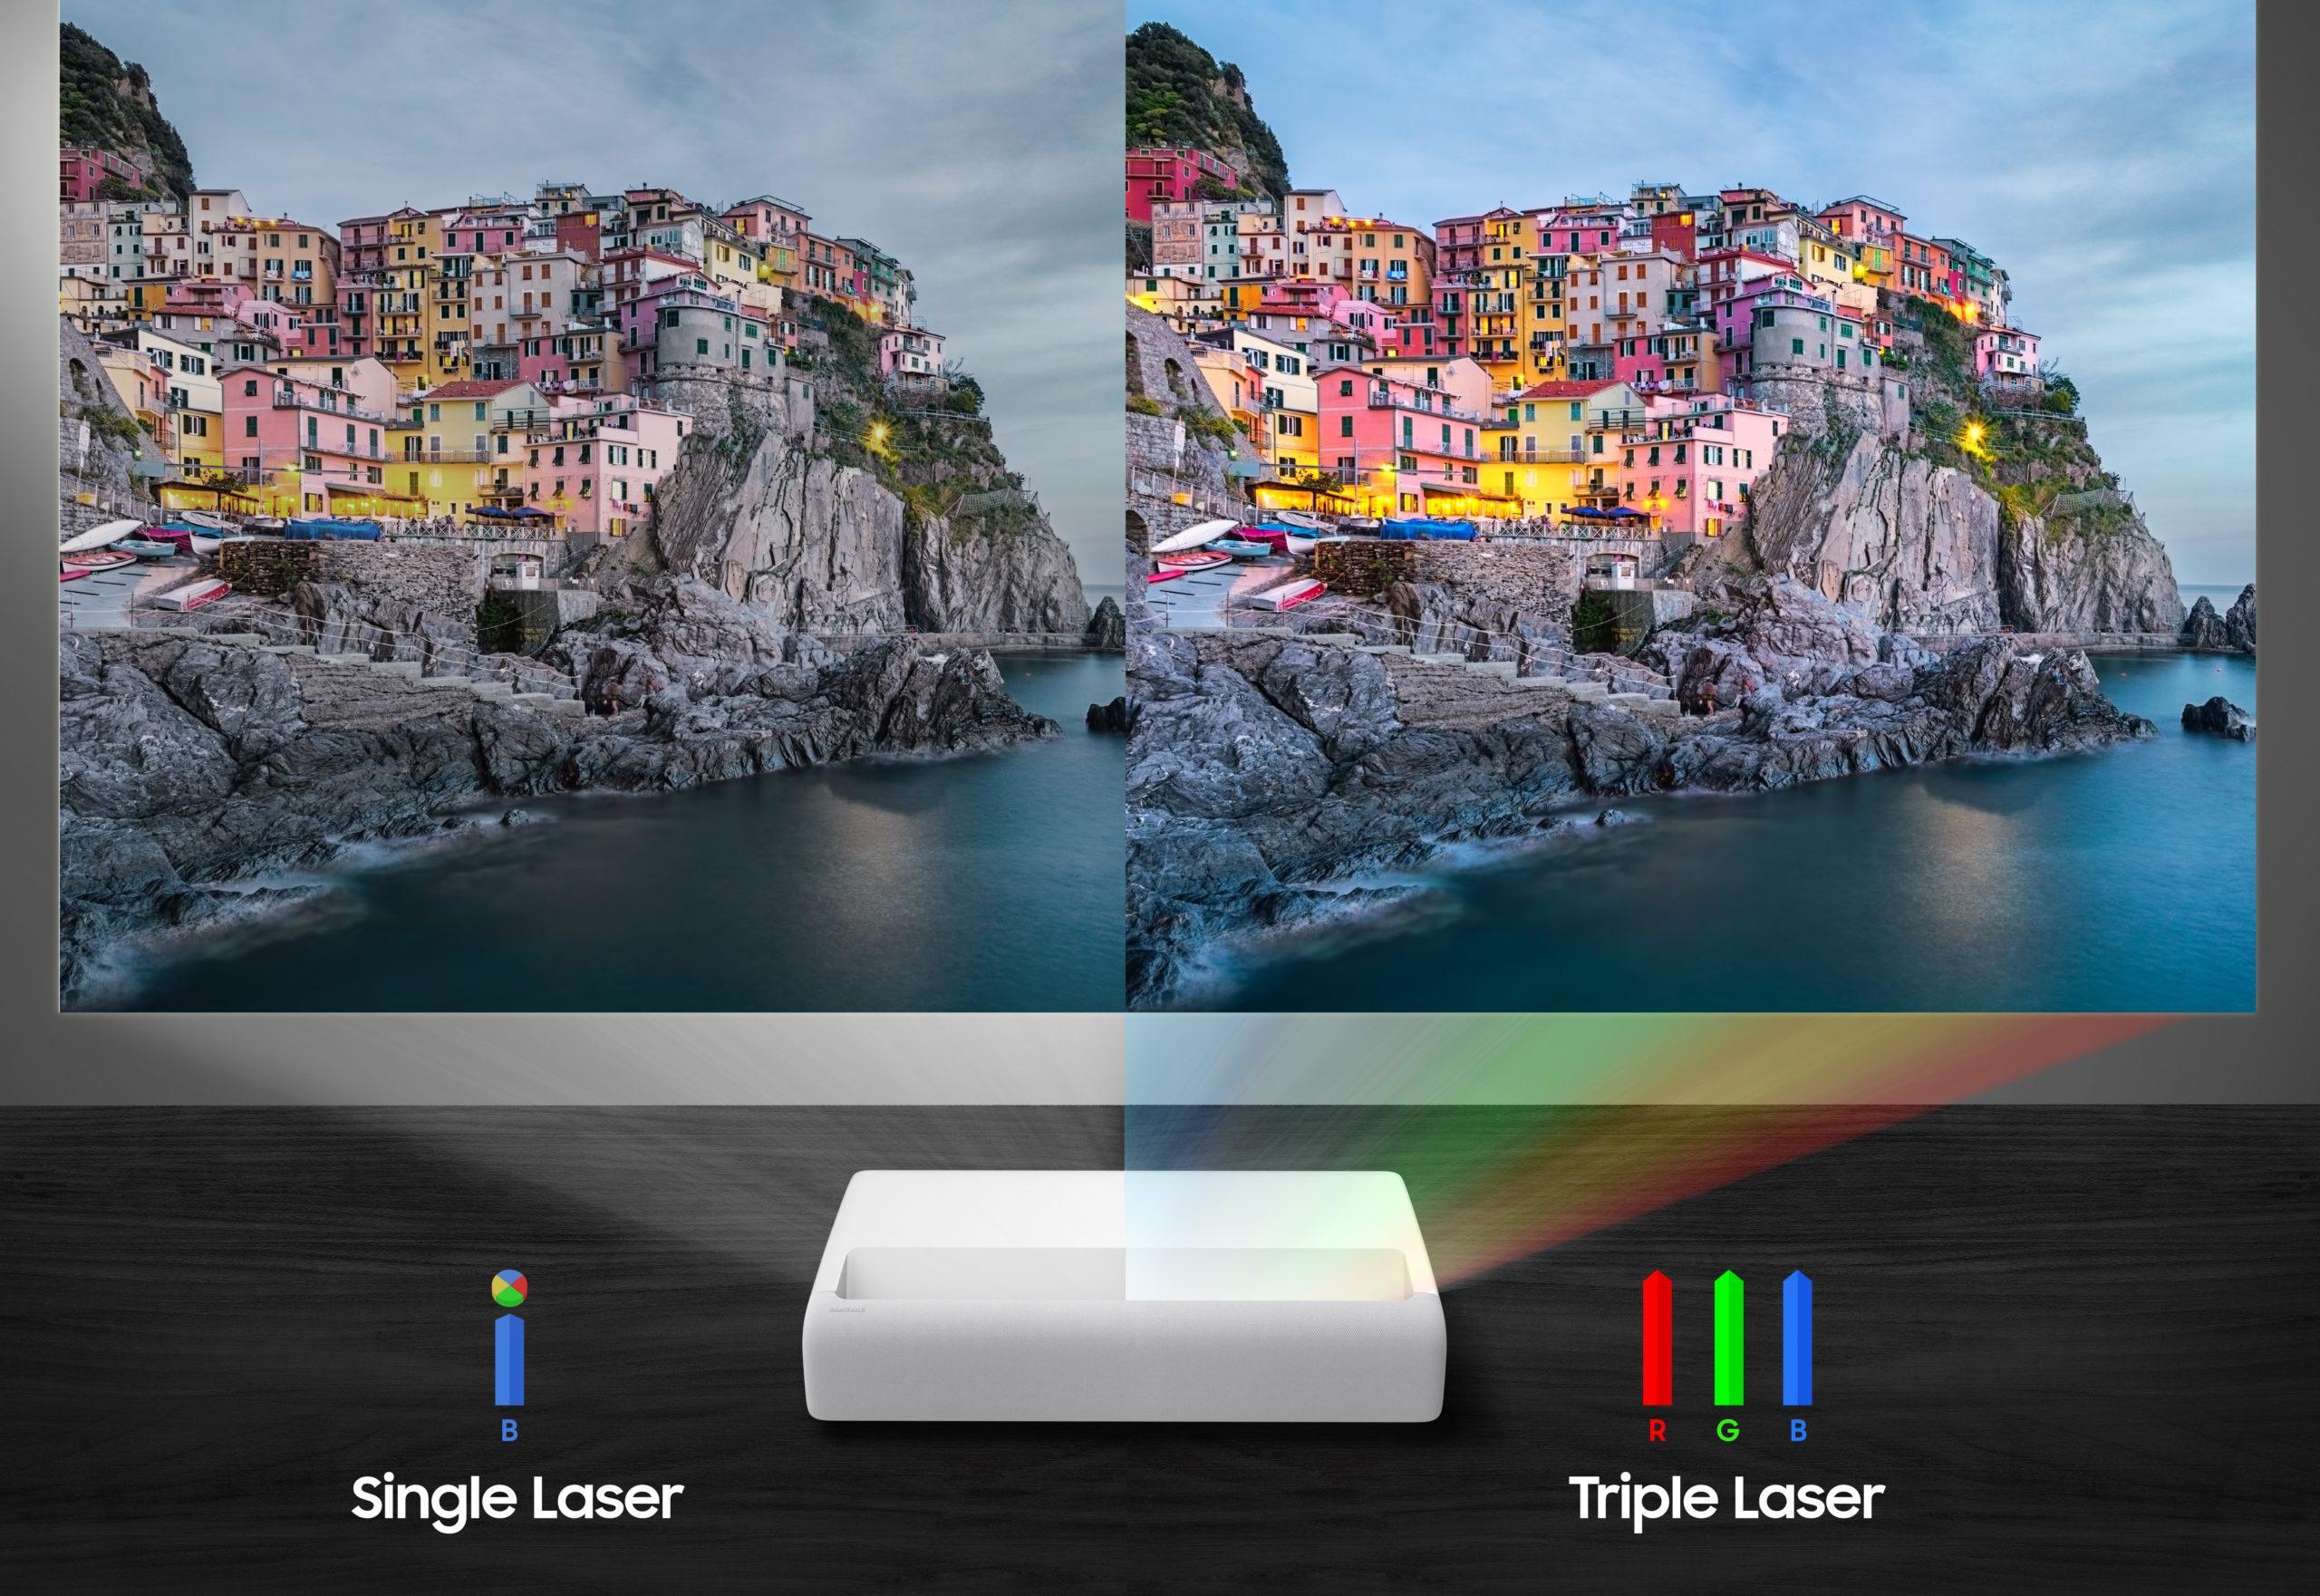 single laser vs triple laser